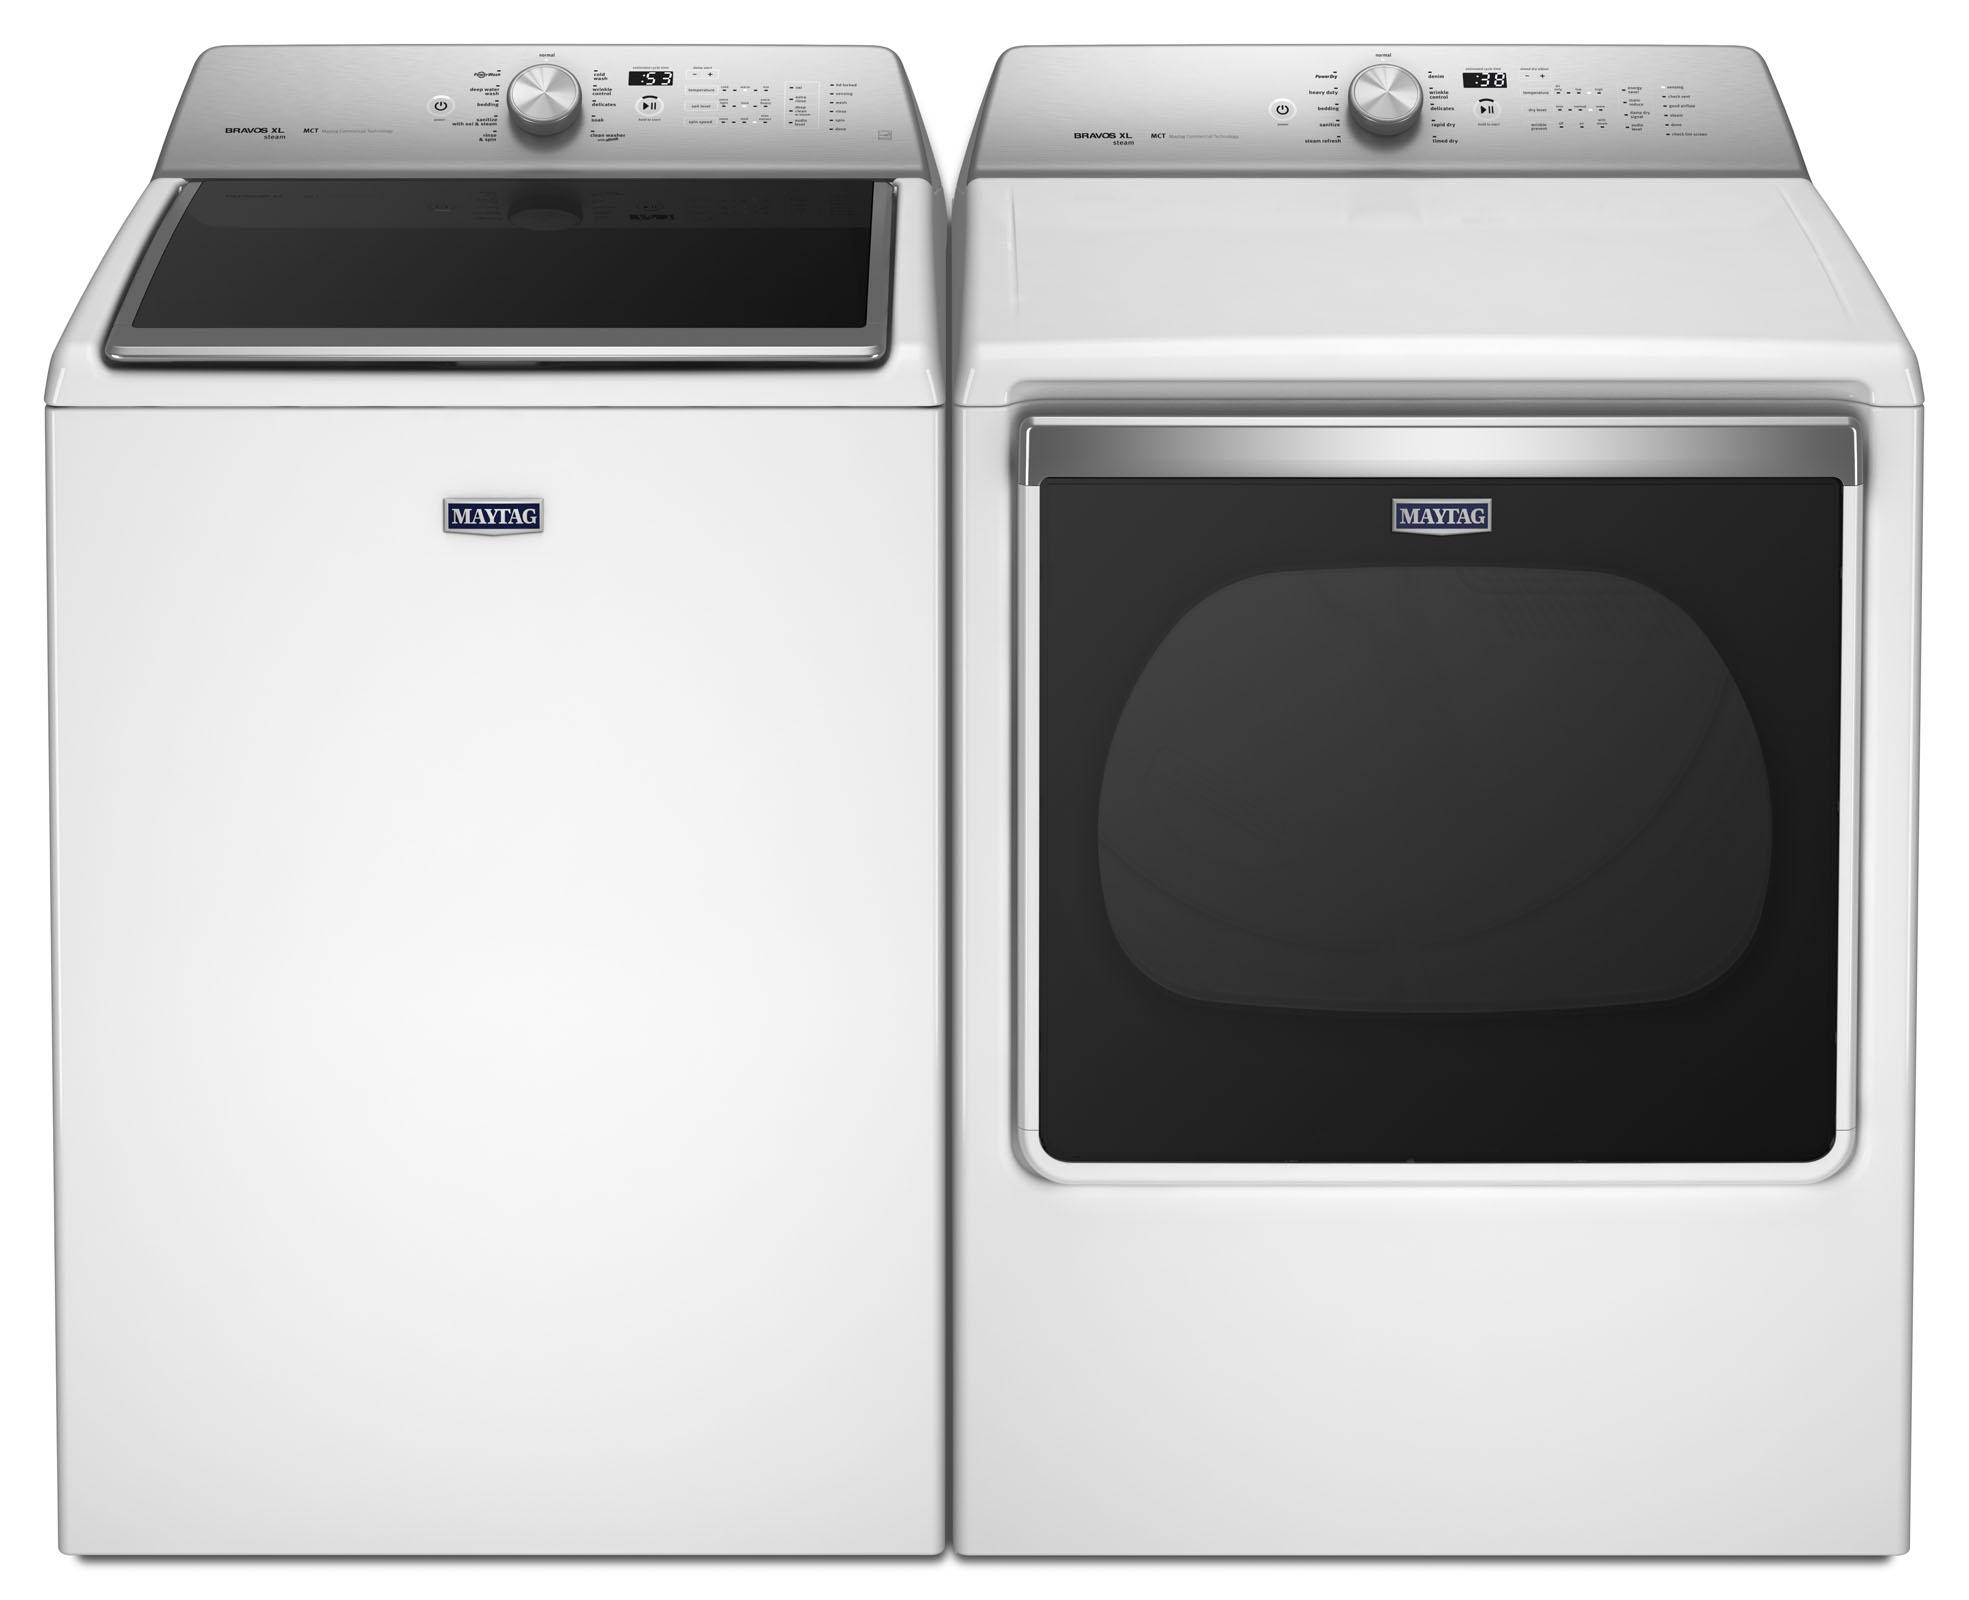 Centennial® 5.3 cu. ft. Top Load Washer & Centennial® 8.8 cu. ft. Dryer